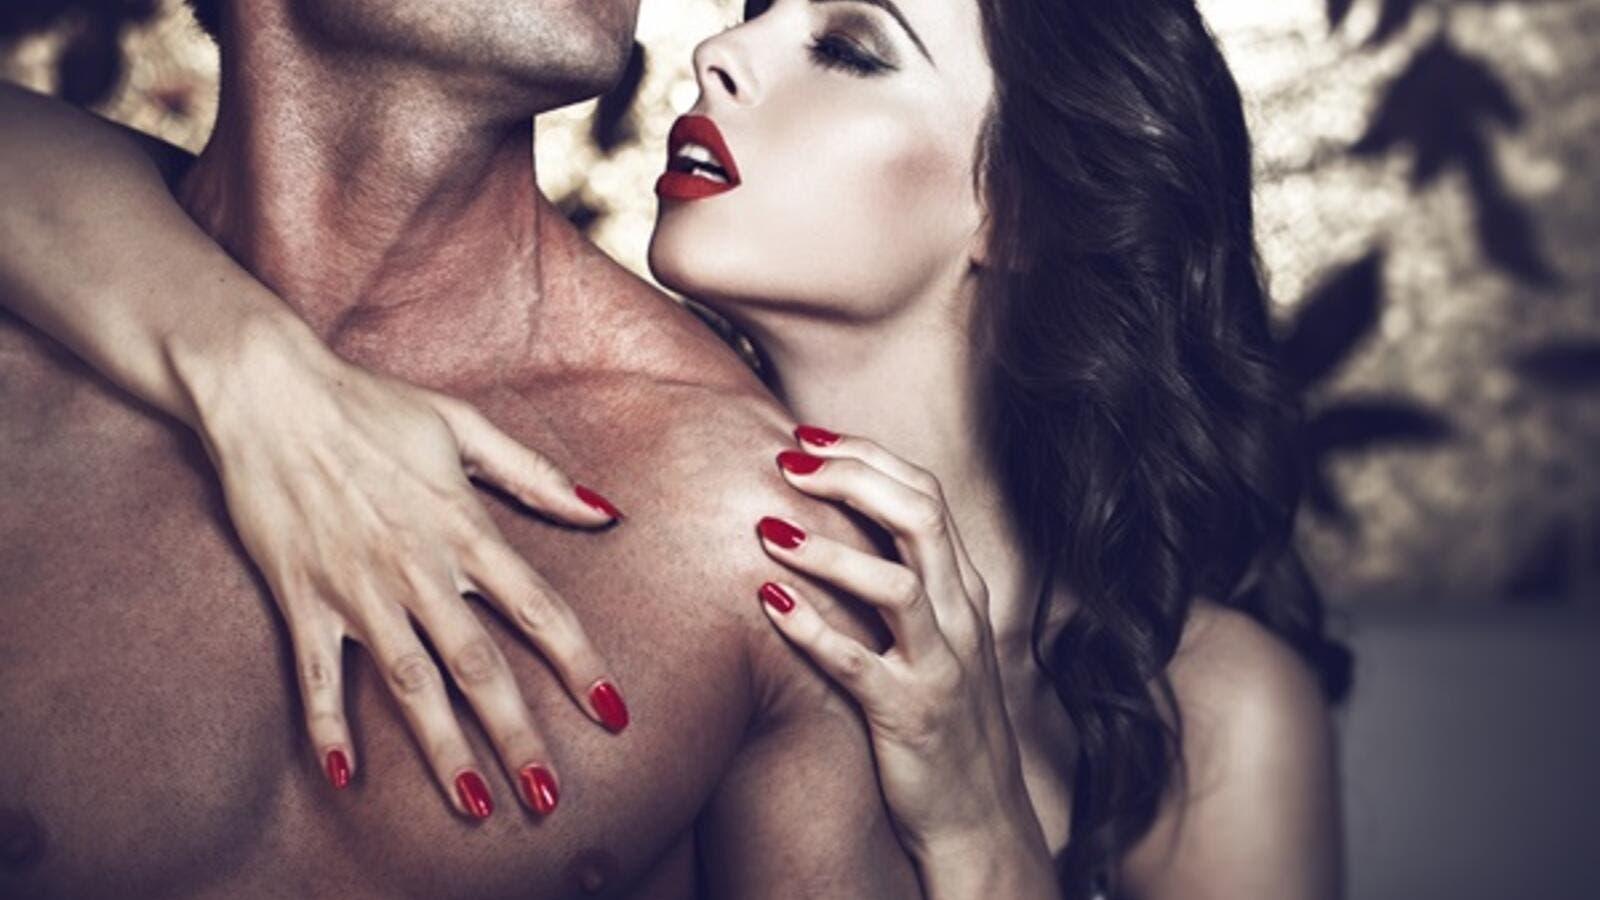 f4038b714 كيف يتفاعل جسمك مع الجنس... فيزيولوجيا؟   البوابة